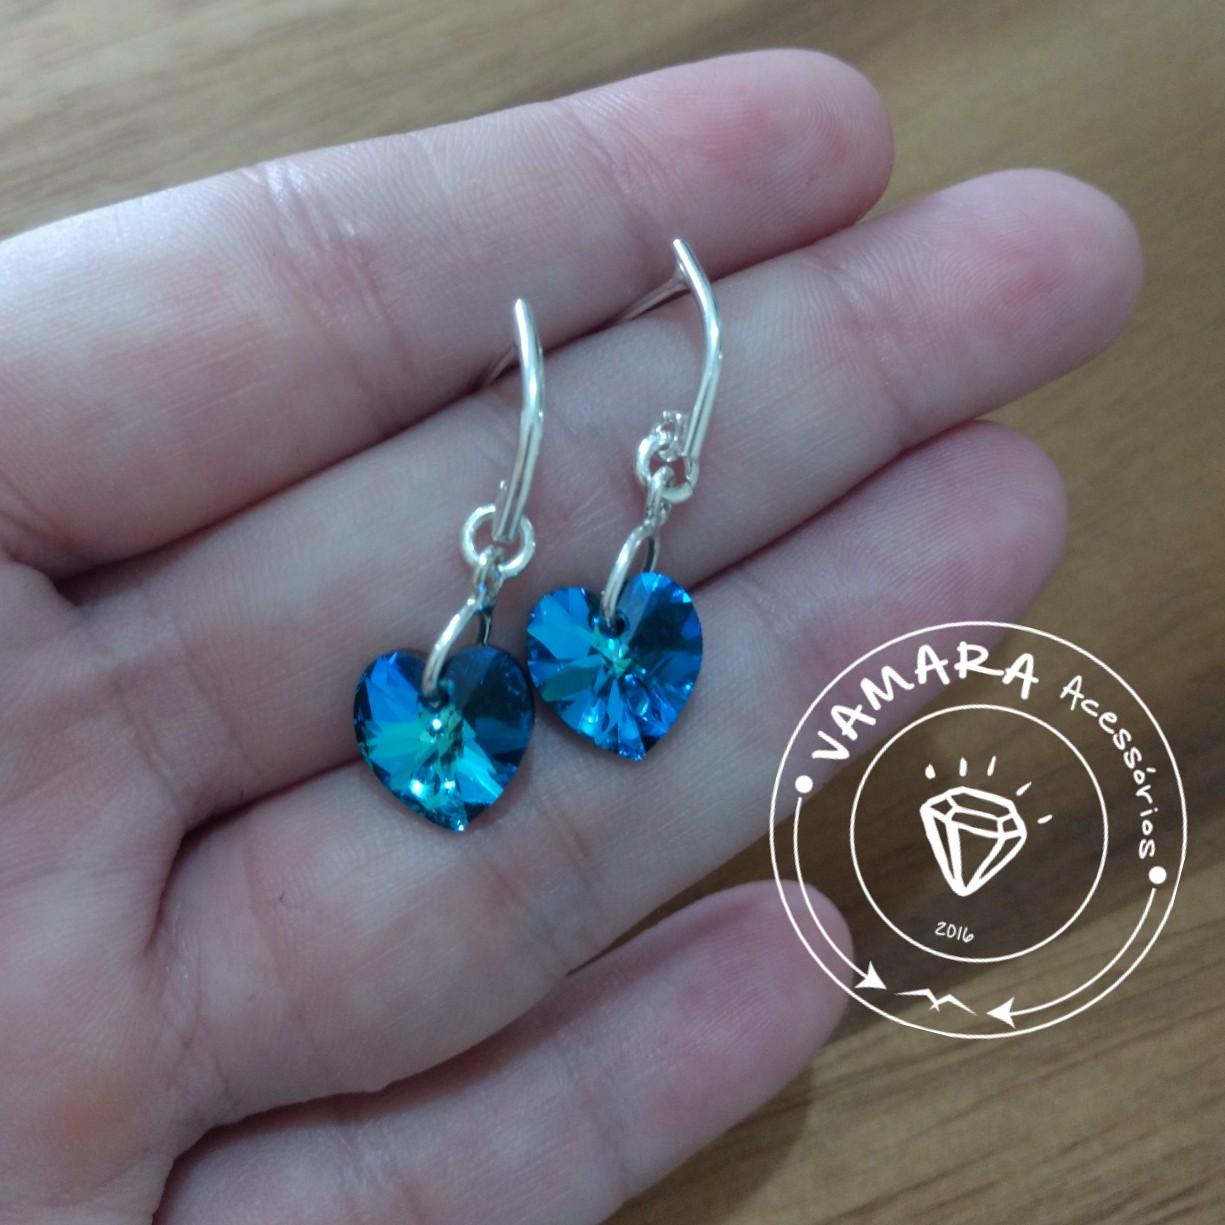 c428dc44175d Brinco De Prata 925 E Cristal Swarovski Coração Azul